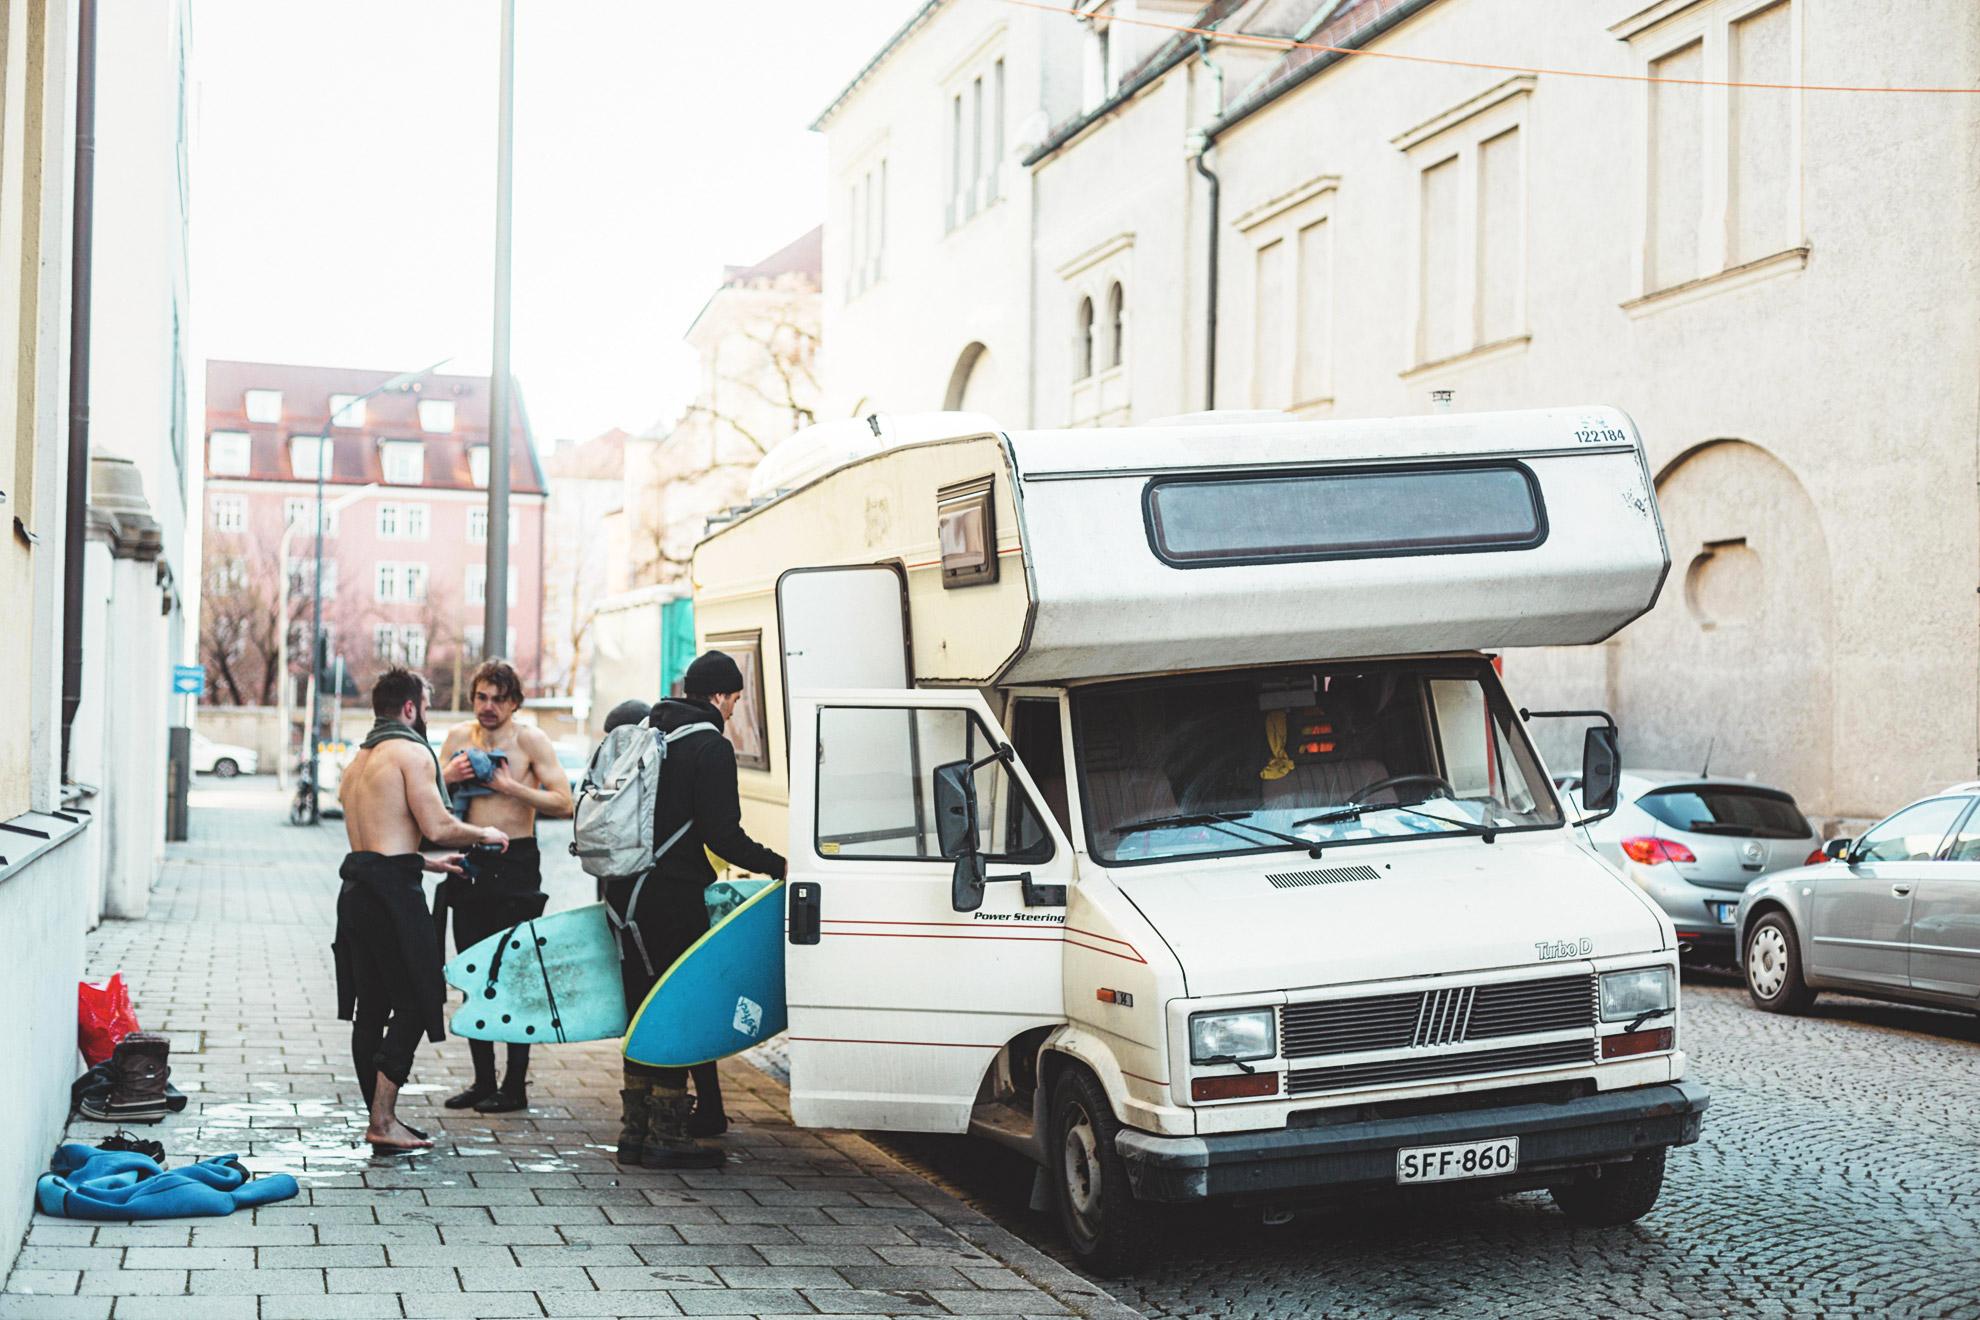 katu_surffaus_asuntoauto